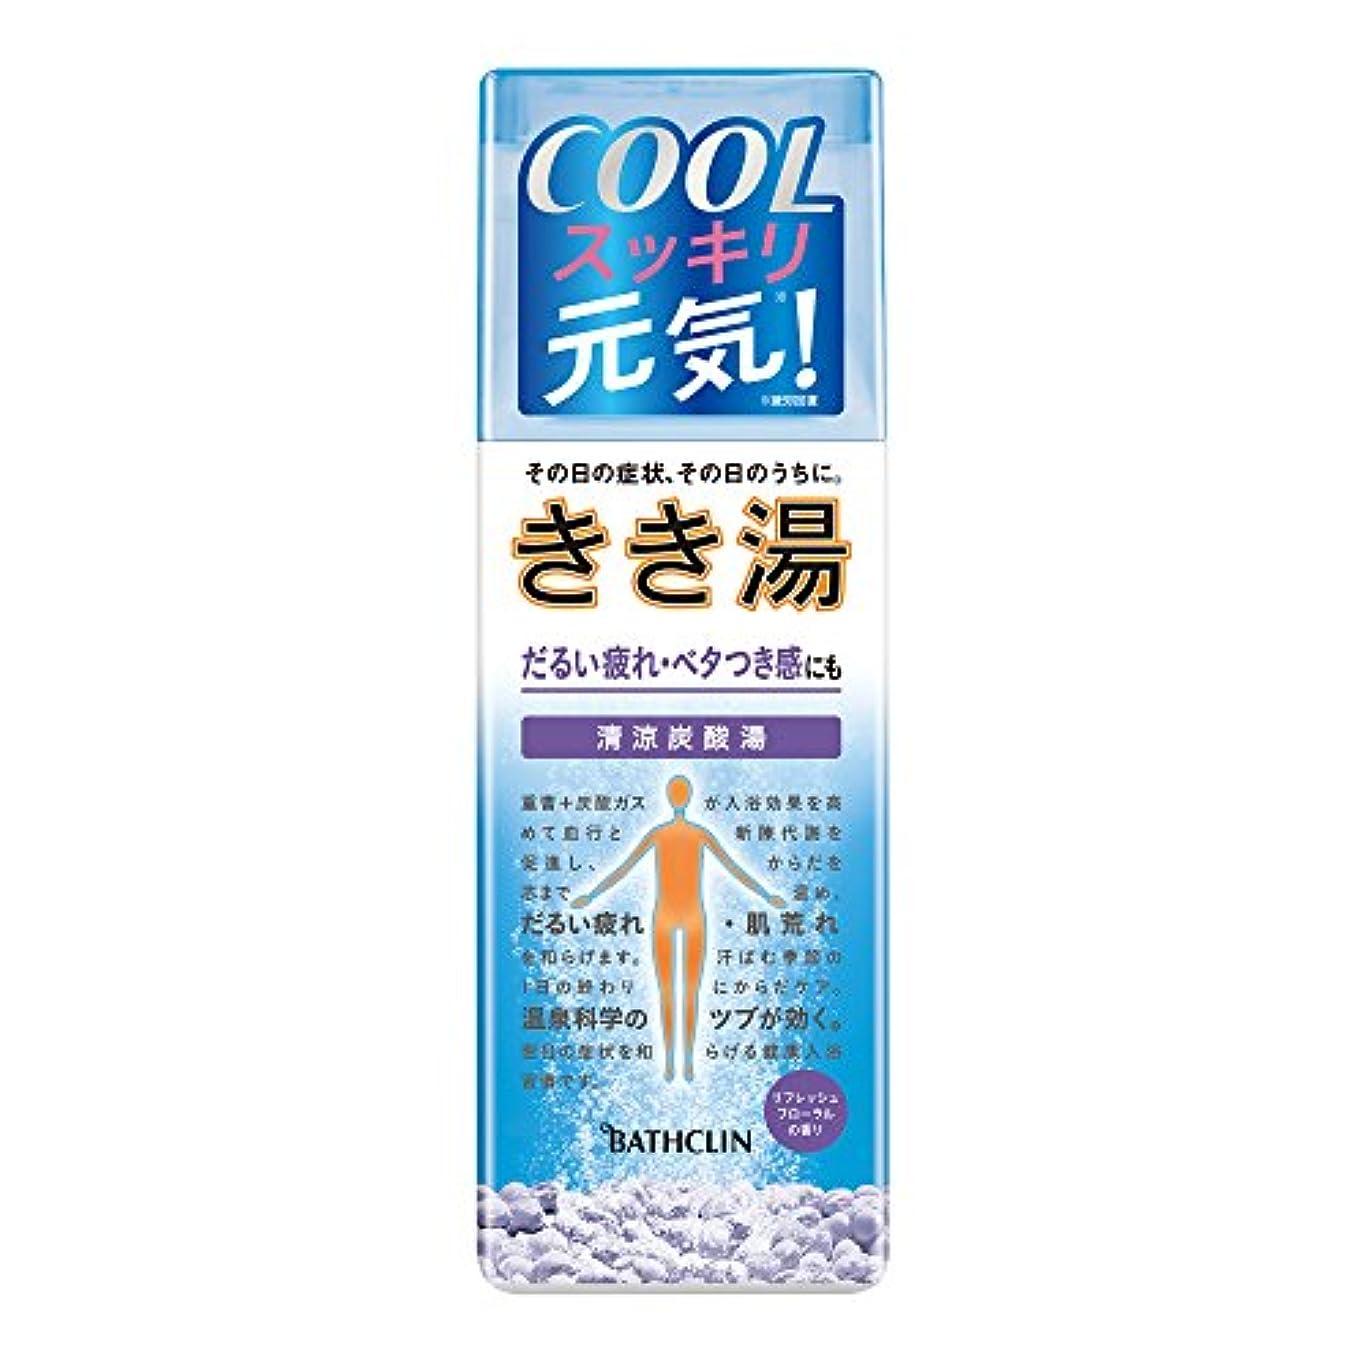 貧しいライム死んでいる【医薬部外品】きき湯清涼炭酸湯リフレッシュフローラルの香り 360gマリンブルーの湯透明タイプ 入浴剤